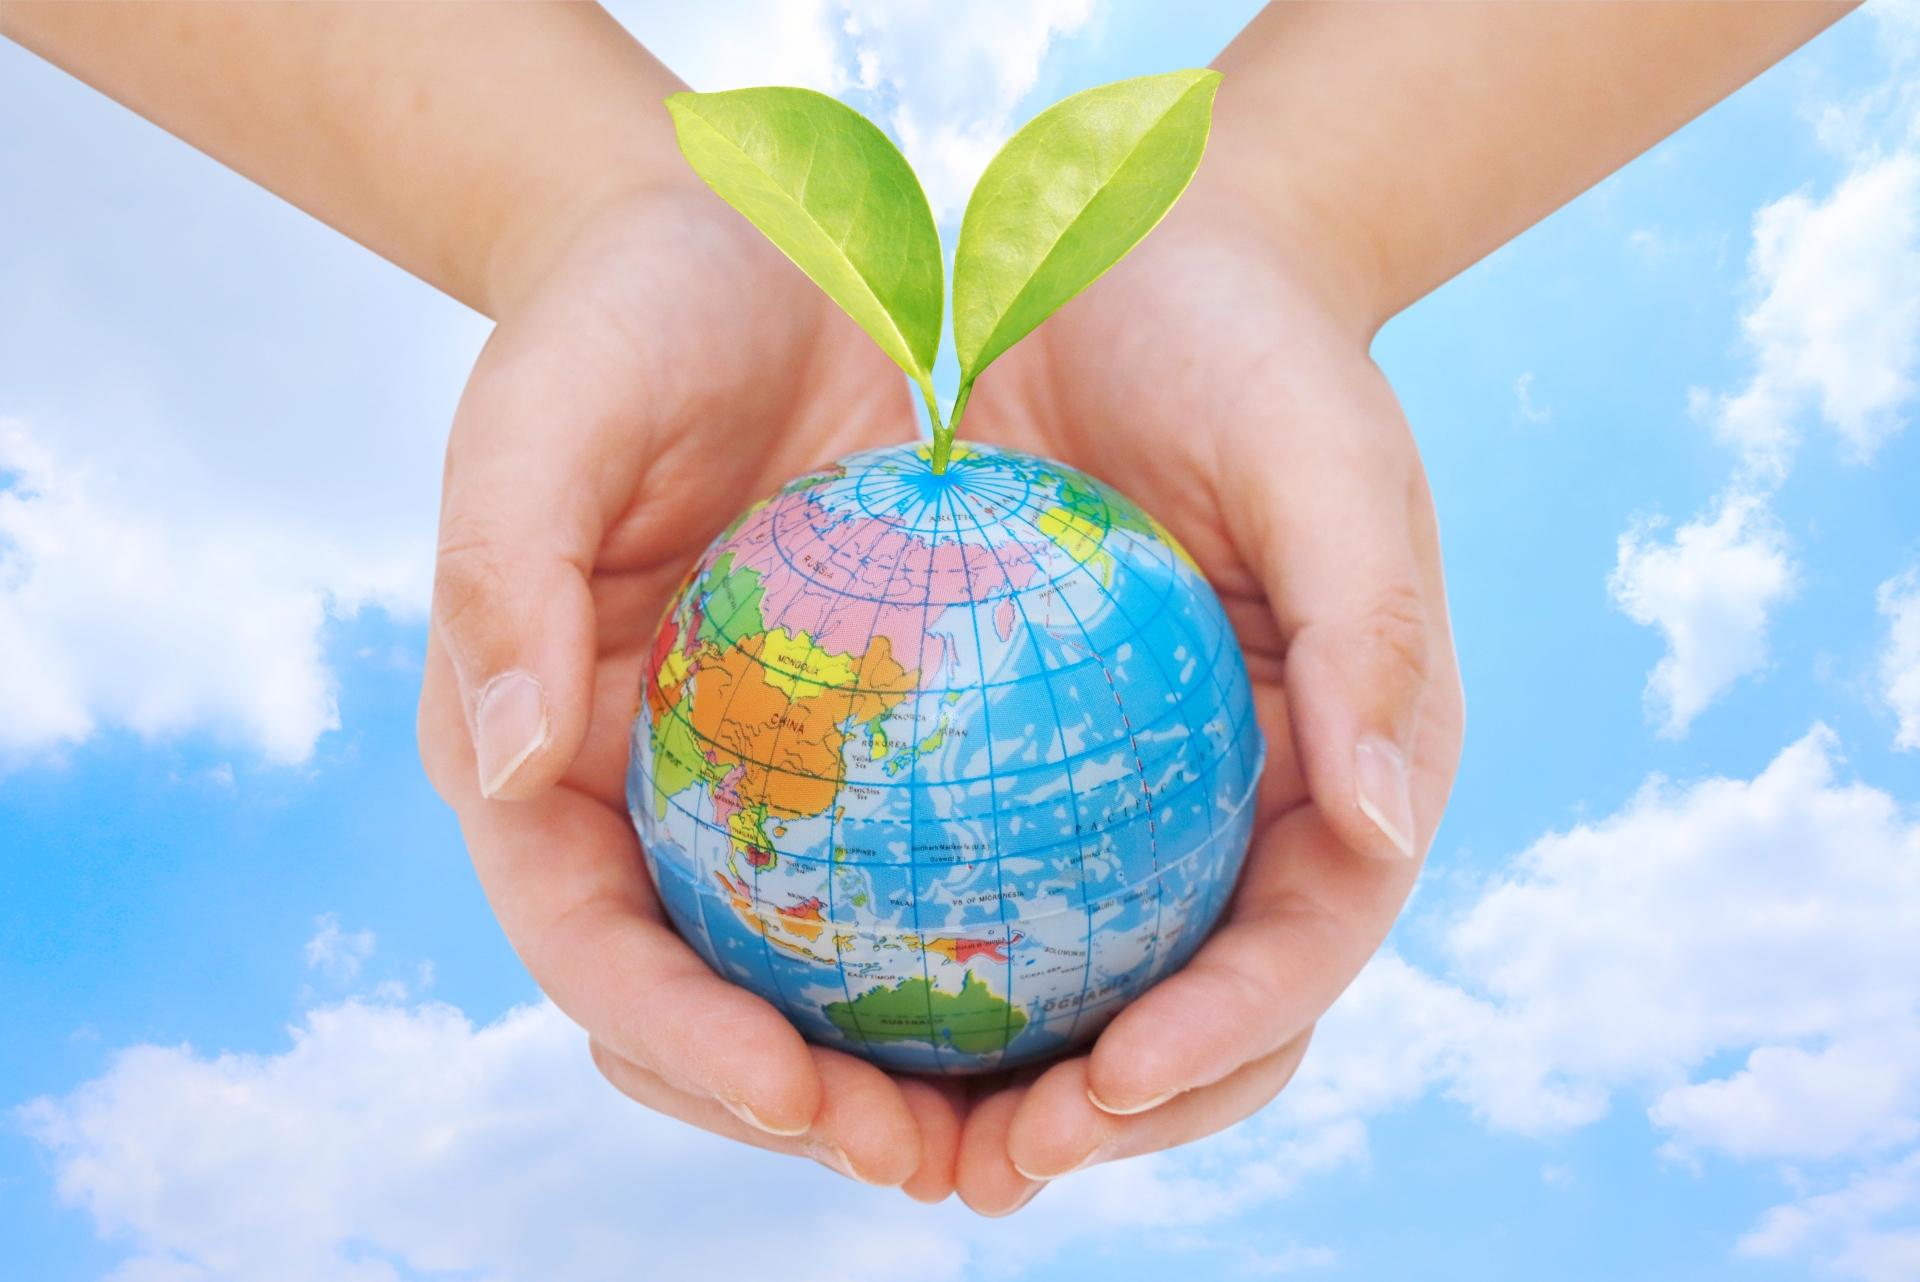 【SDGsの第一歩!】再エネ100%電力プランへ切り替えのすゝめ